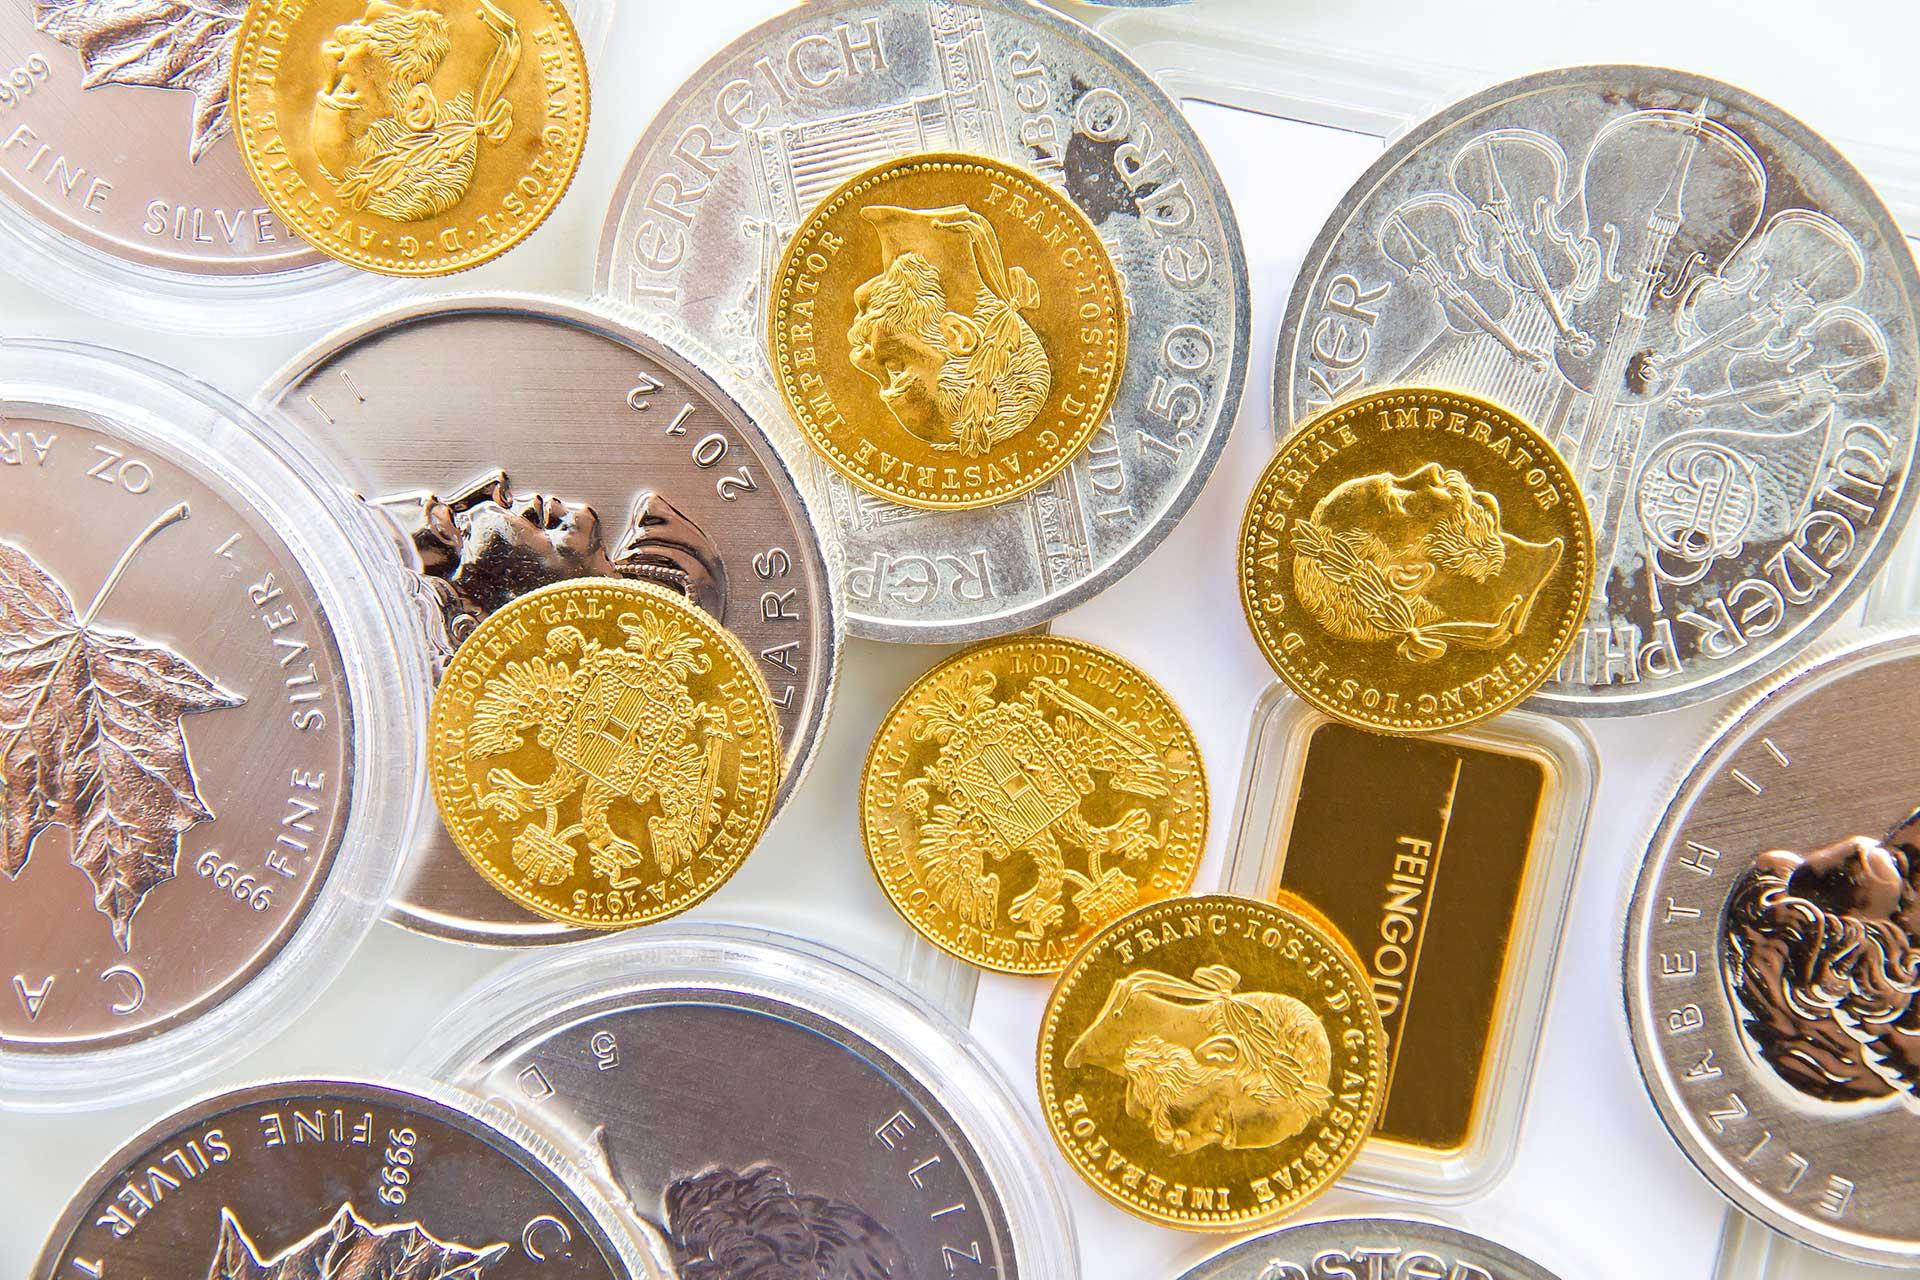 rolex-uhrenankauf-wien-juwelier-sascha, Breitling-Markenuhr-Uhren-Ankauf-Wien-Juwelier-Sascha, Goldringe, Bruchgold, Silberbesteck